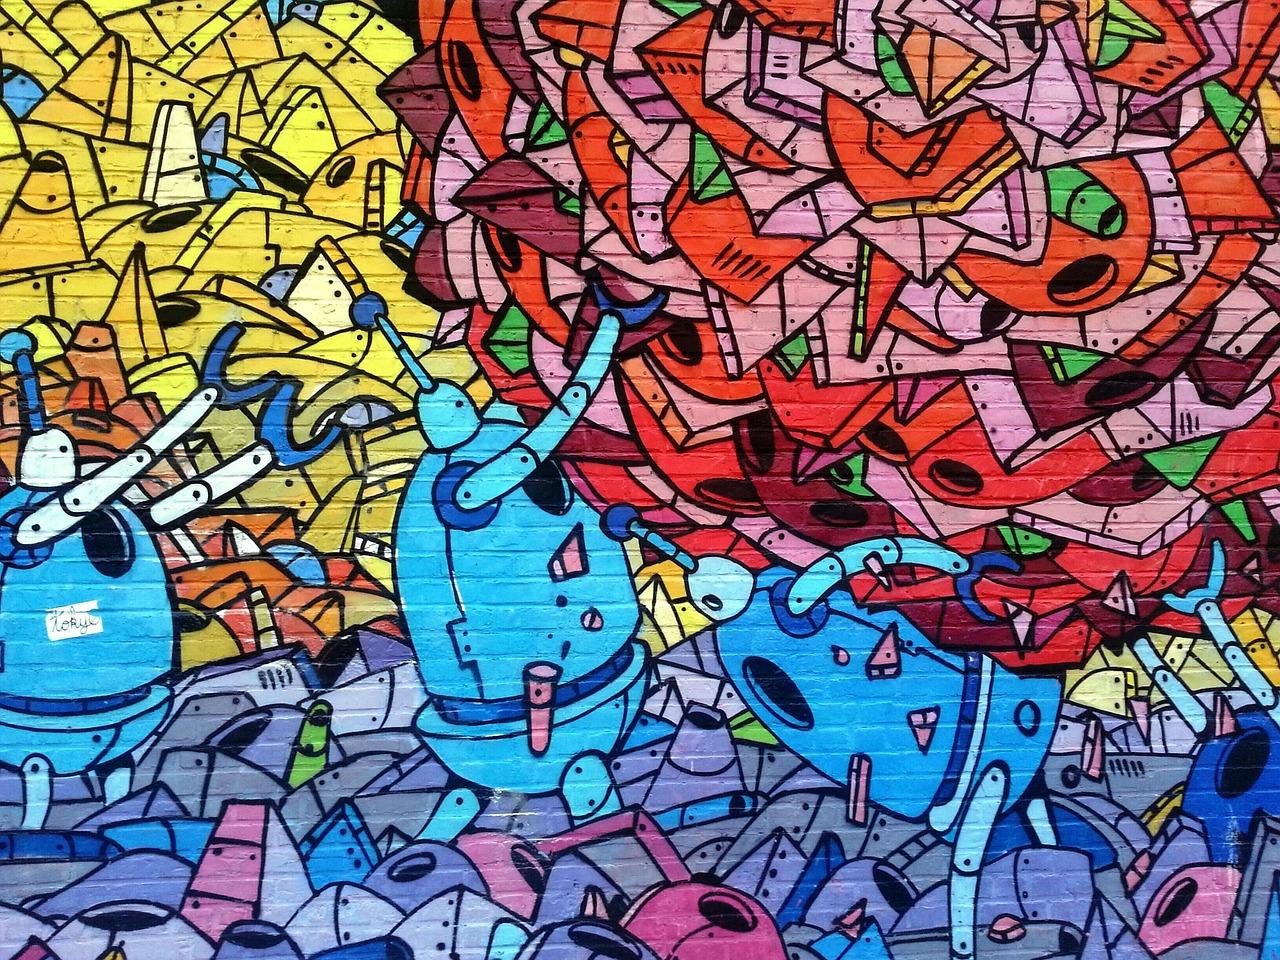 Street art | CC0 Pixabay